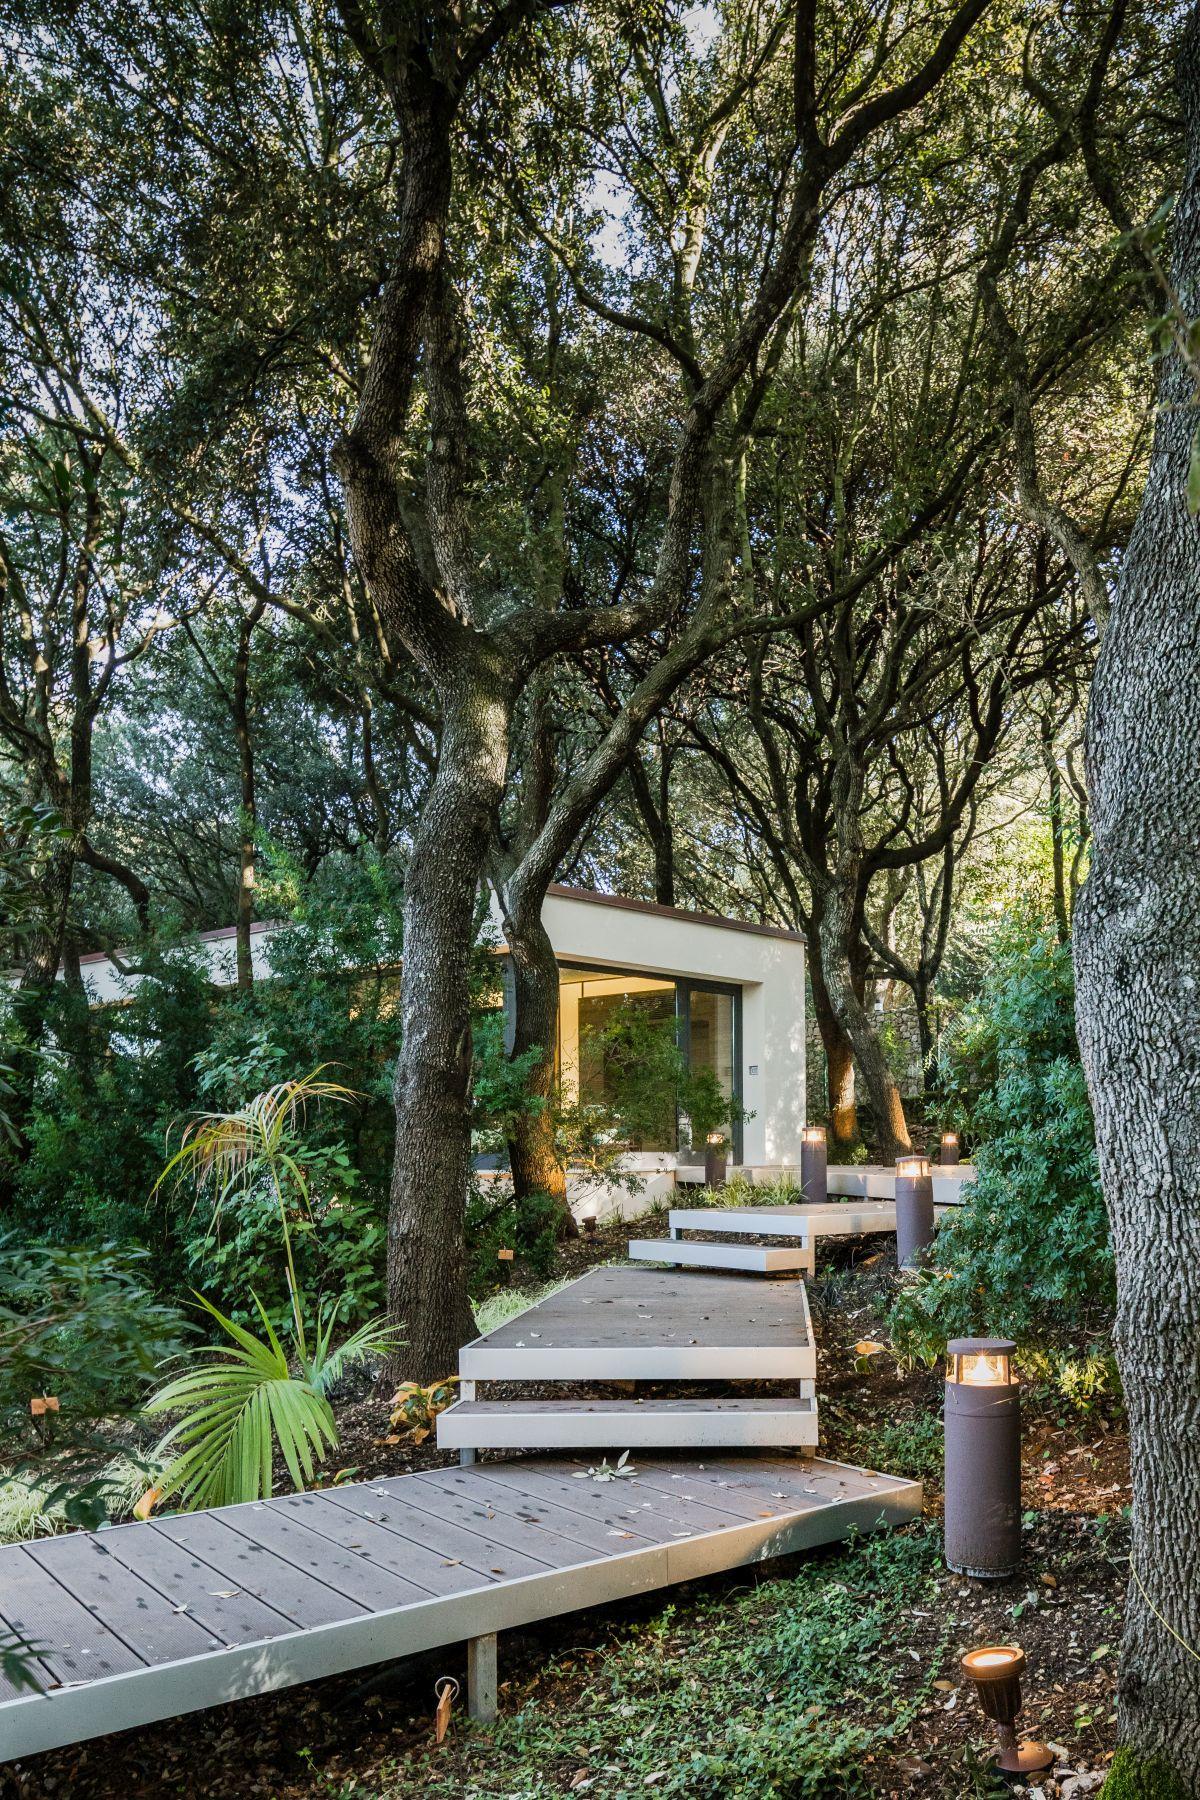 Casa nel Bosco wooden walkway between trees